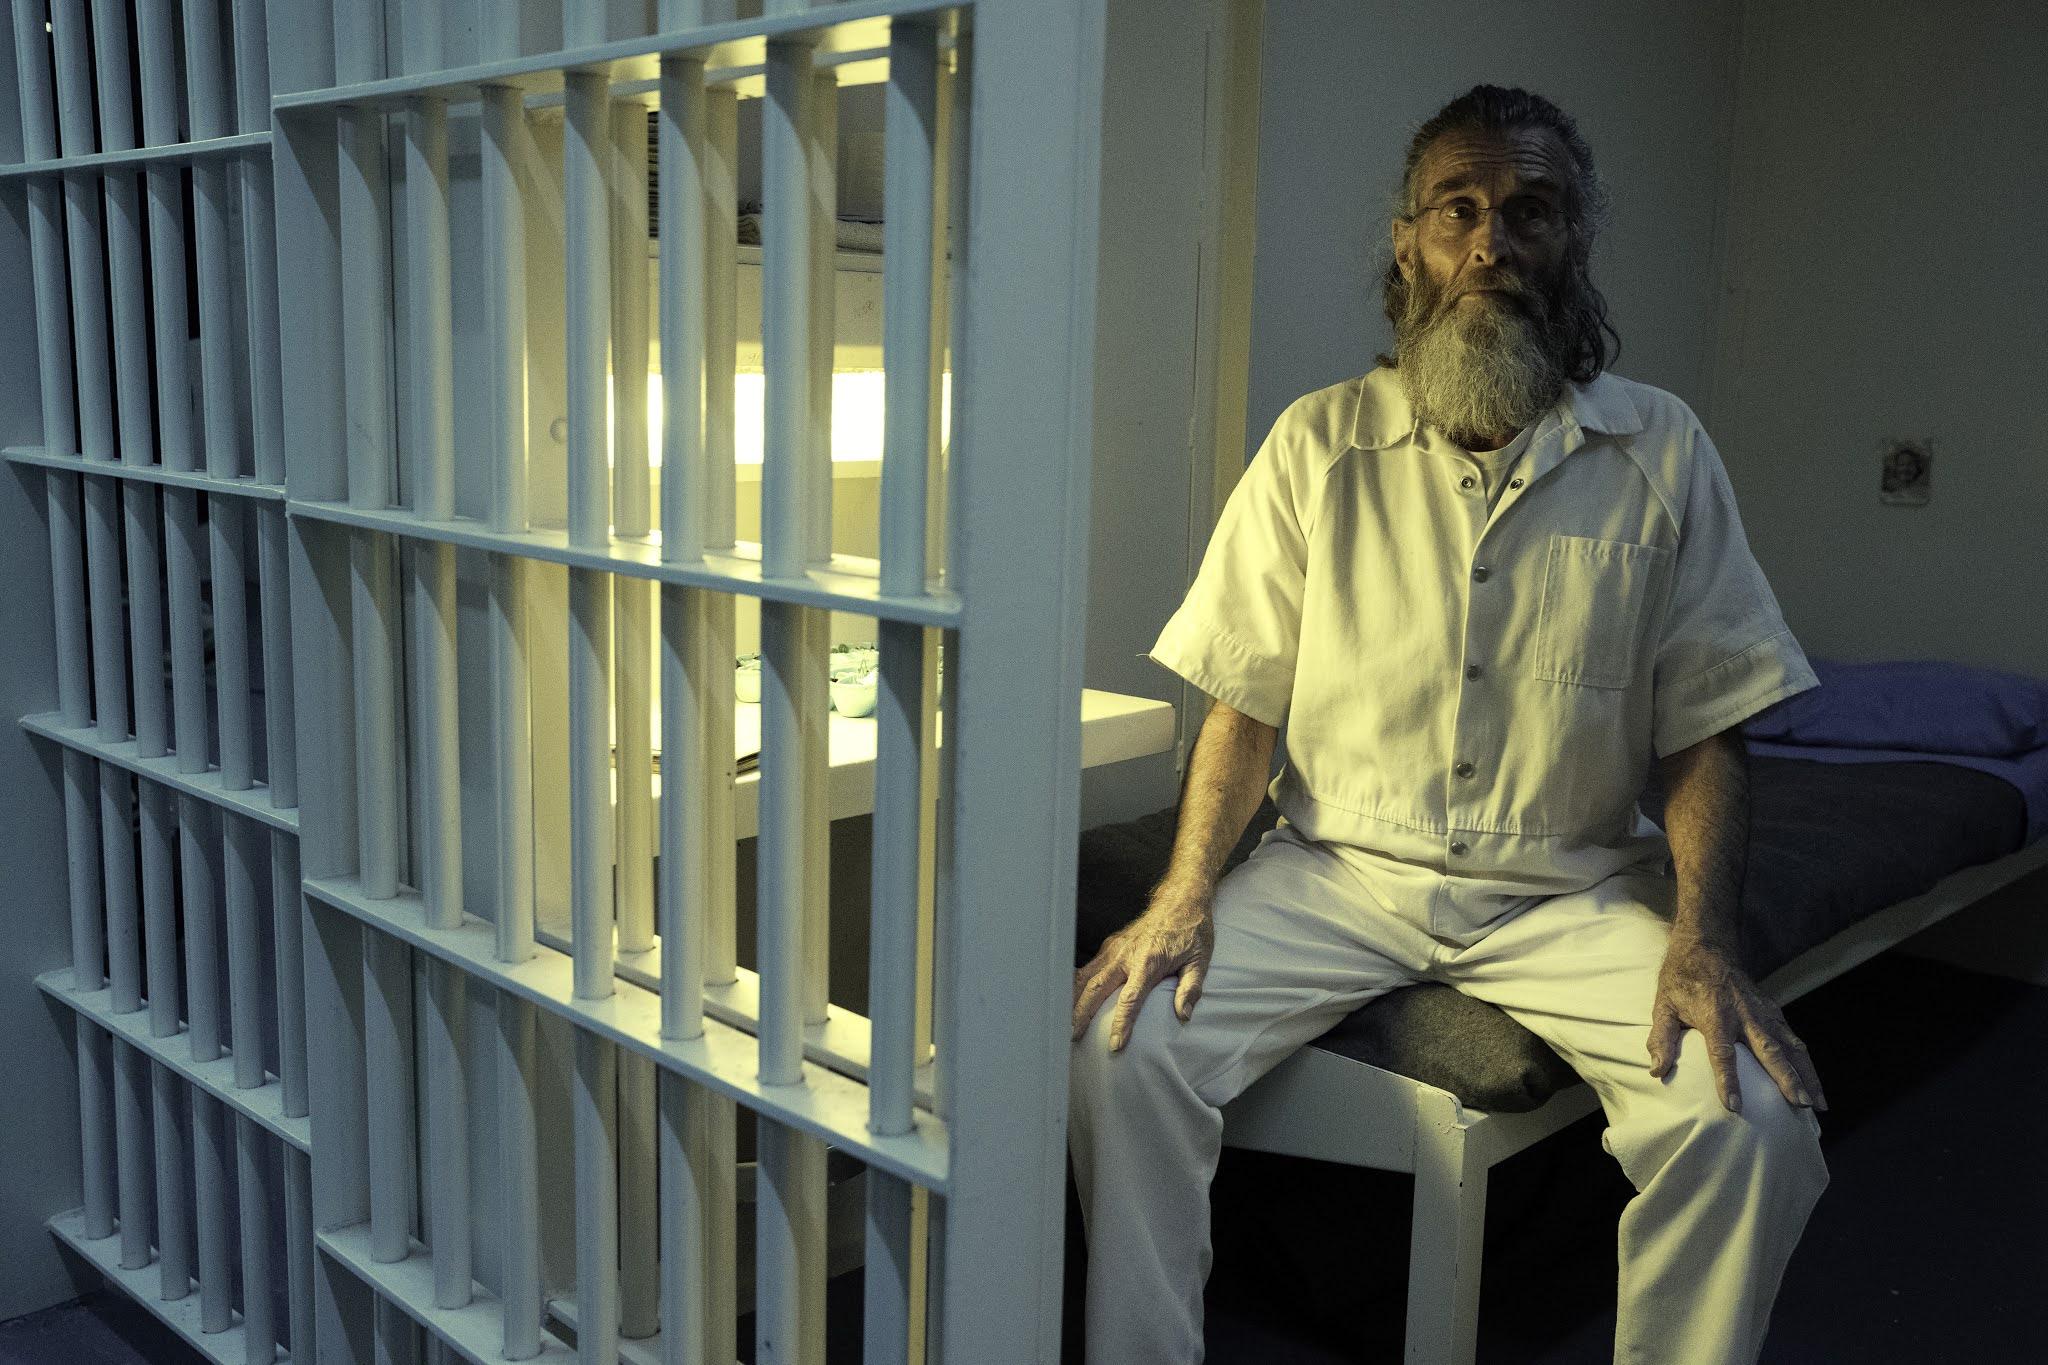 Teddy sentado en su celda durante el inicio del apocalipsis